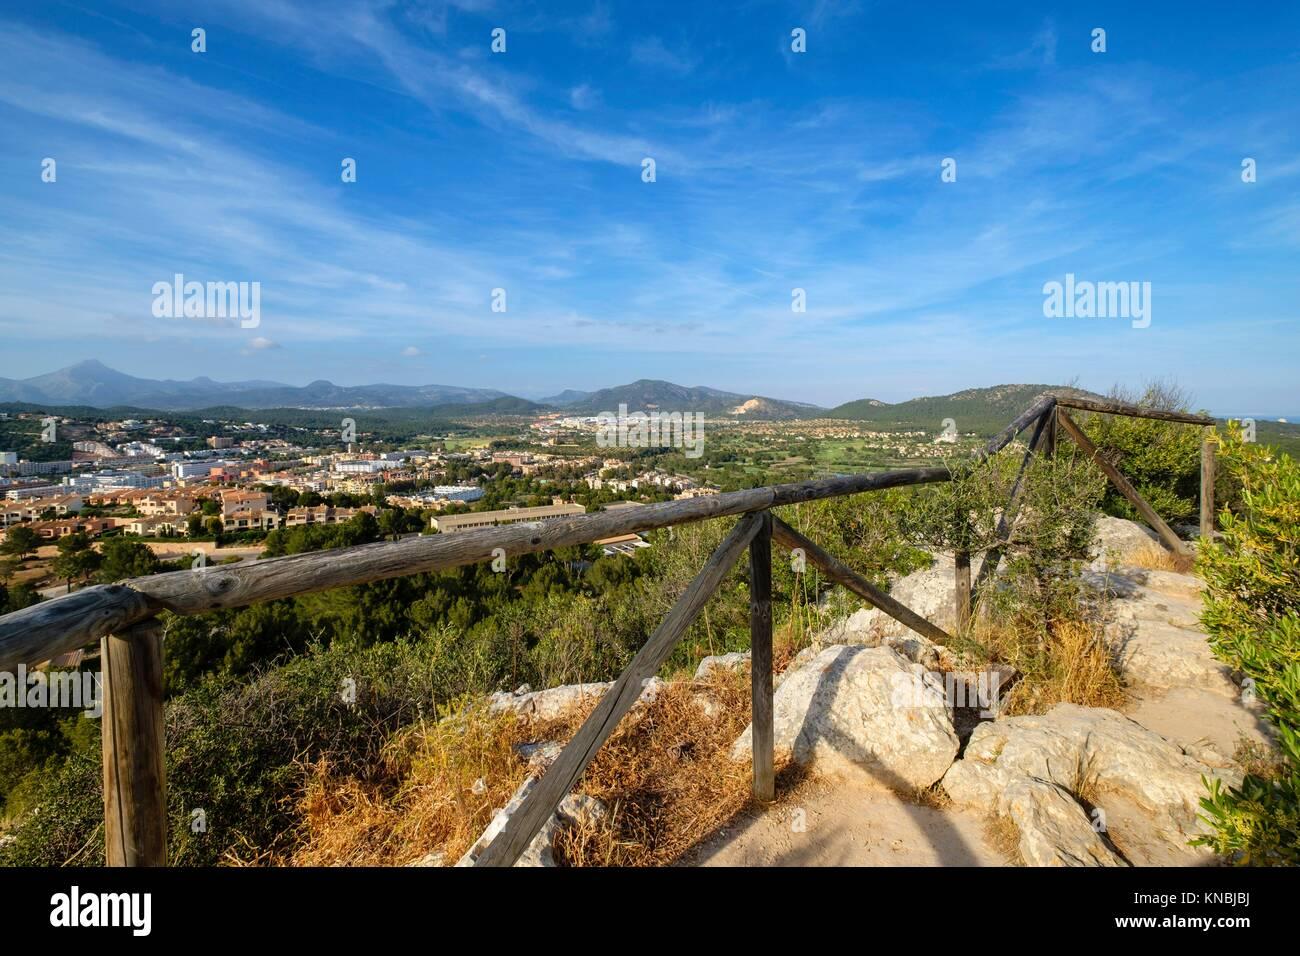 Parque arqueológico Puig de sa Morisca, Calviá, Mallorca, balearic islands, spain. - Stock Image